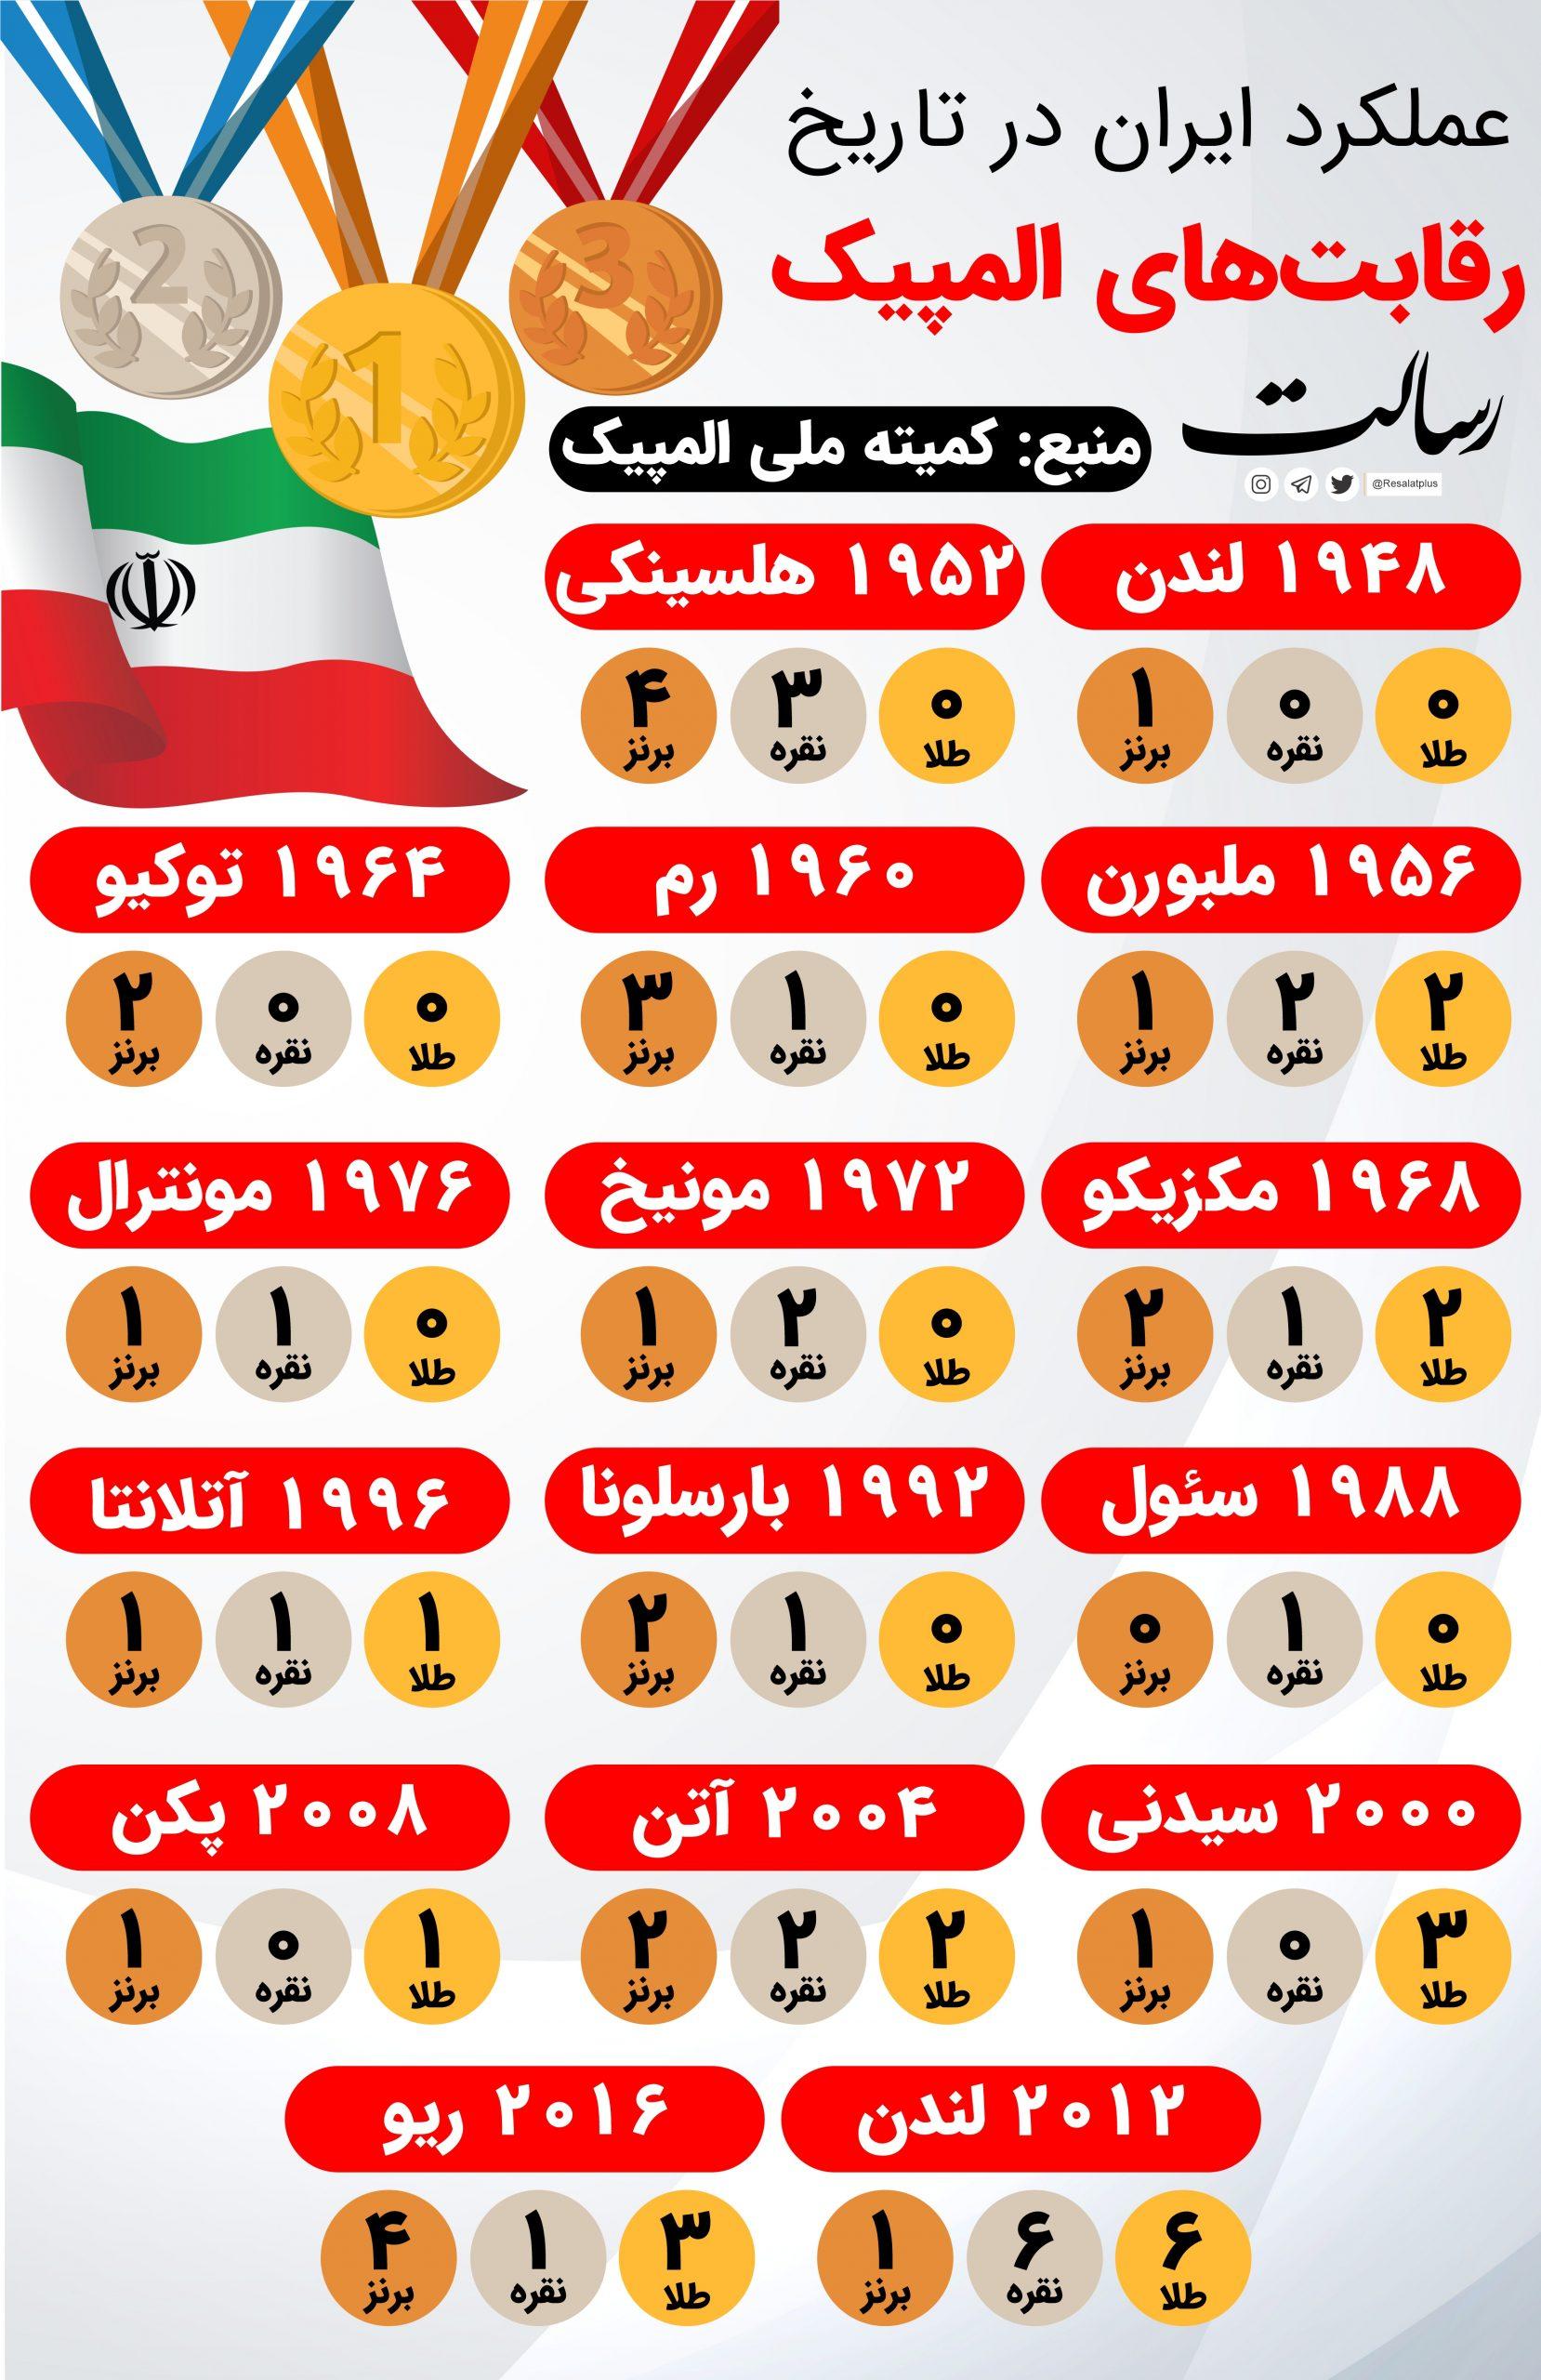 عملکرد ایران در تاریخ رقابتهای المپیک+ اینفوگرافی